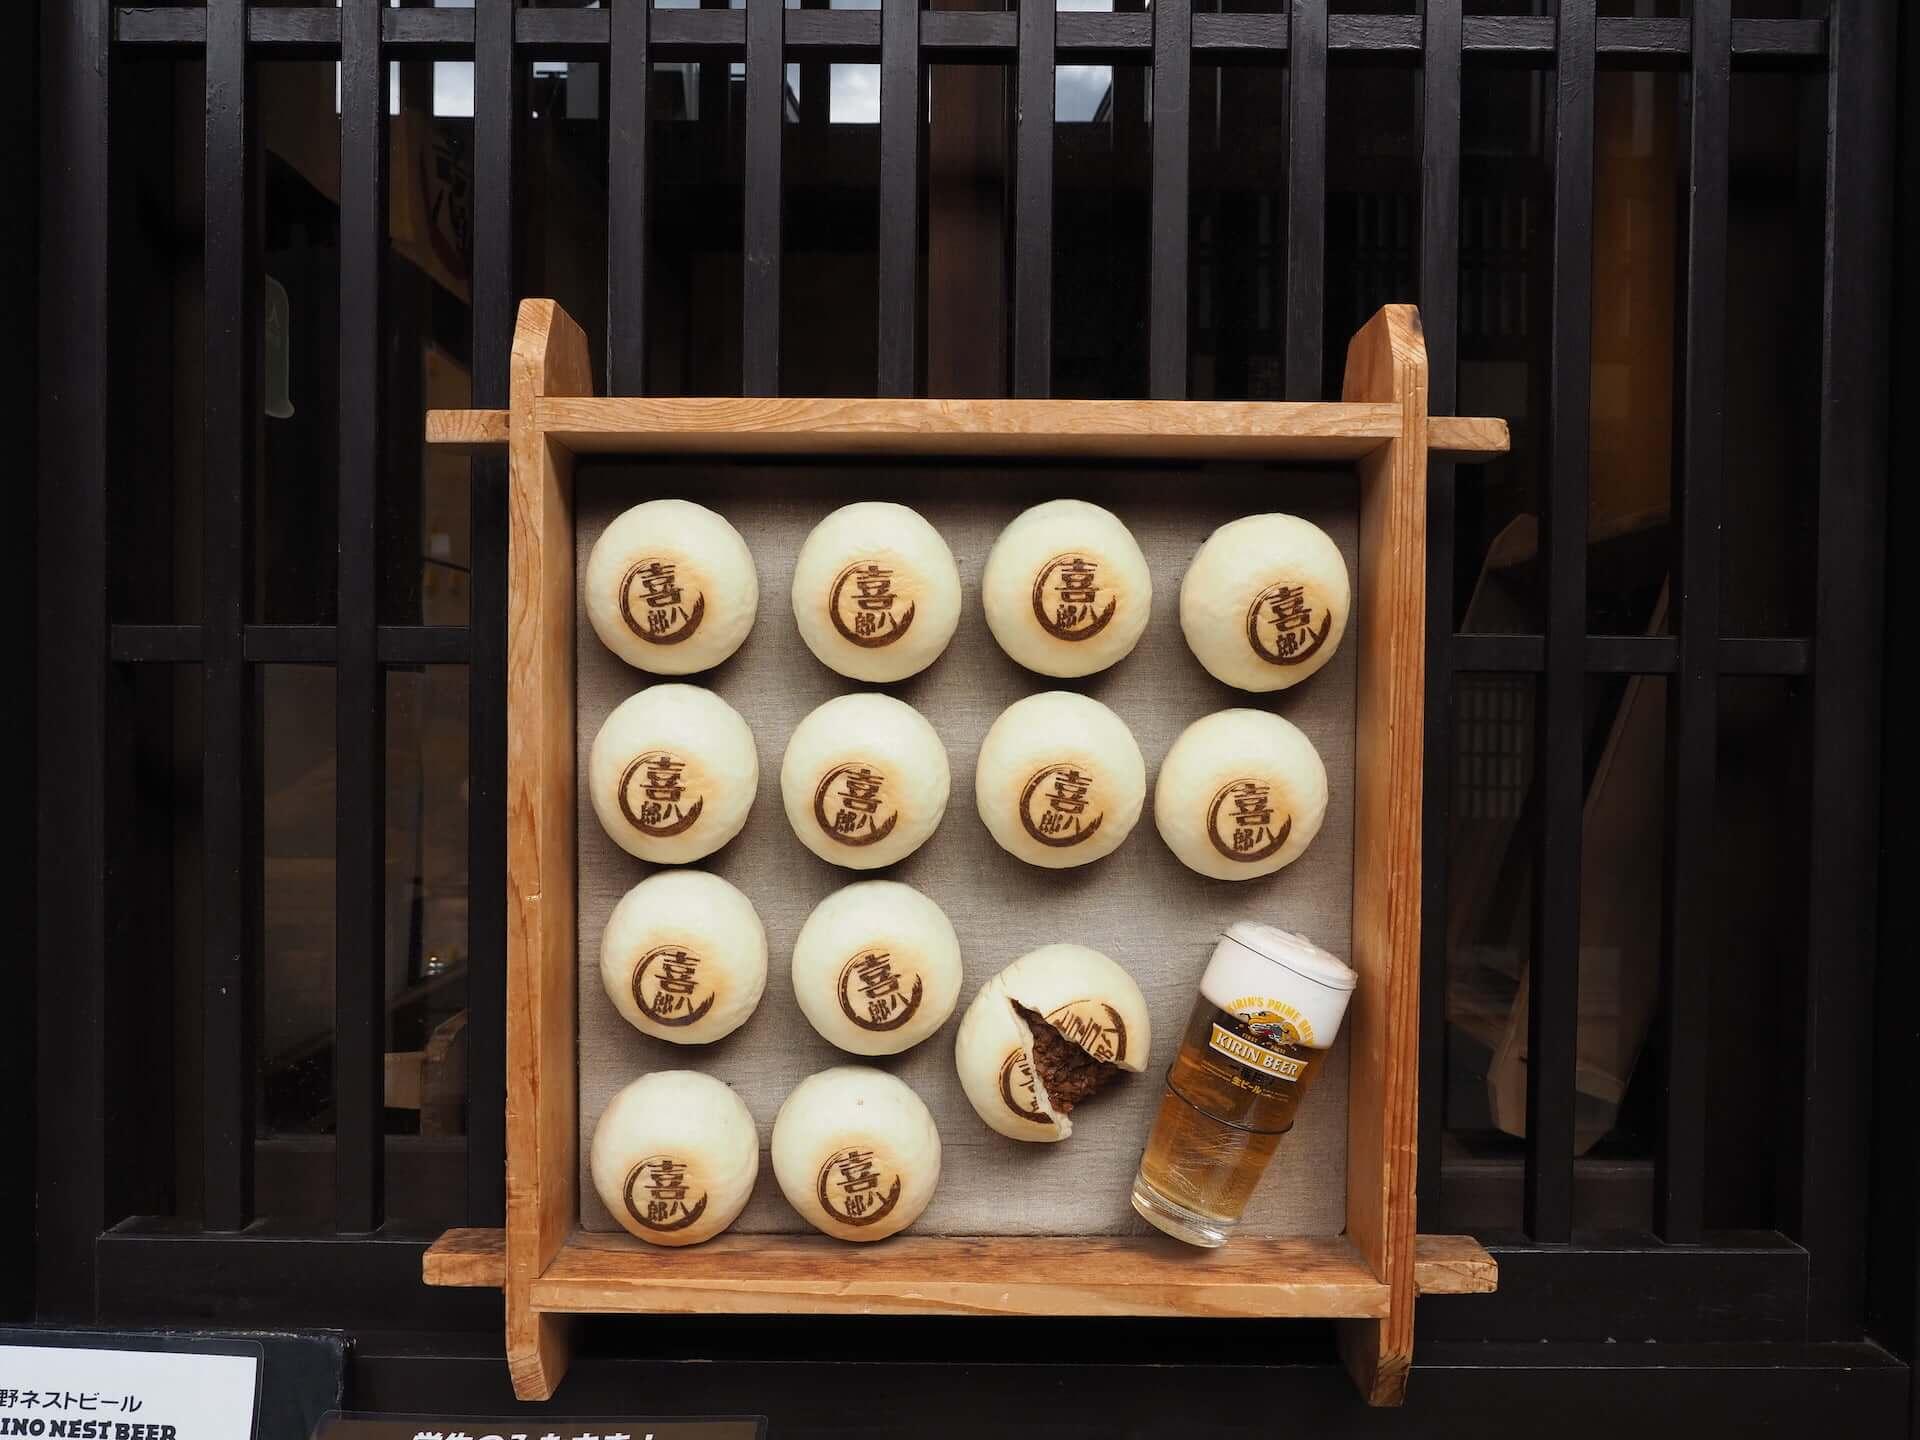 飛騨牛まんを堪能できる秋のお取り寄せグルメが19%OFFの特別価格で発売!喜八郎が期間限定キャンペーンを開始 gourmet200928_kihachiro_3-1920x1440